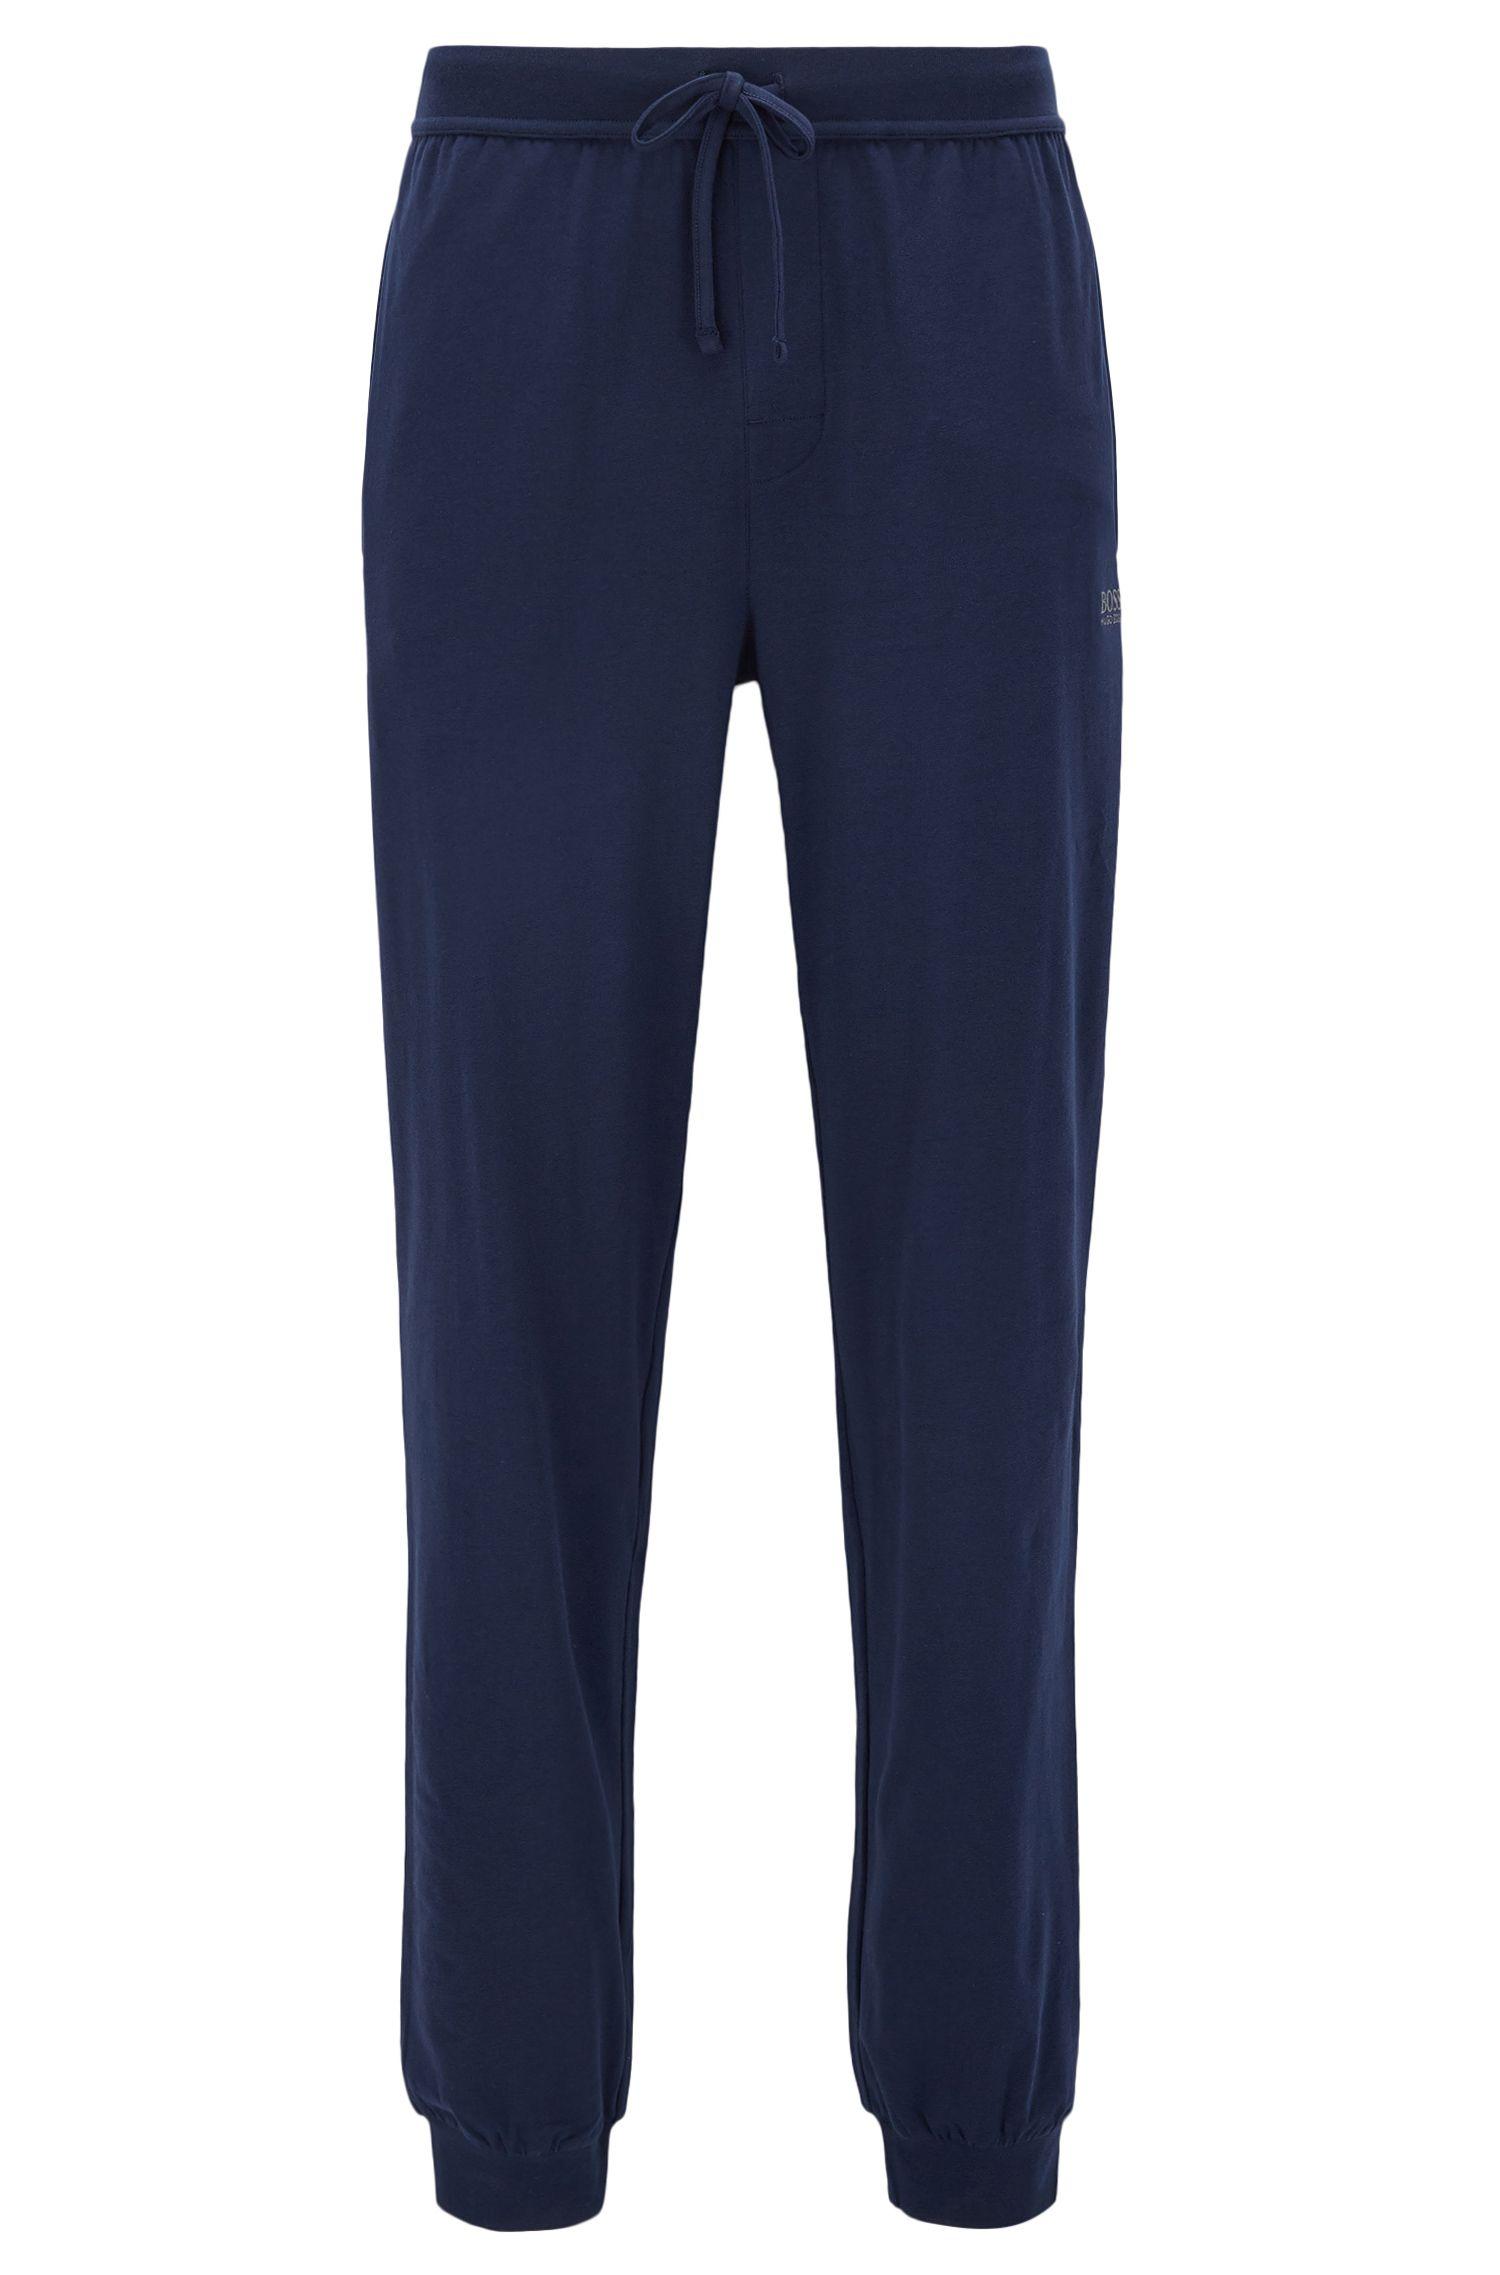 Pantalón loungewear con cordón en punto sencillo